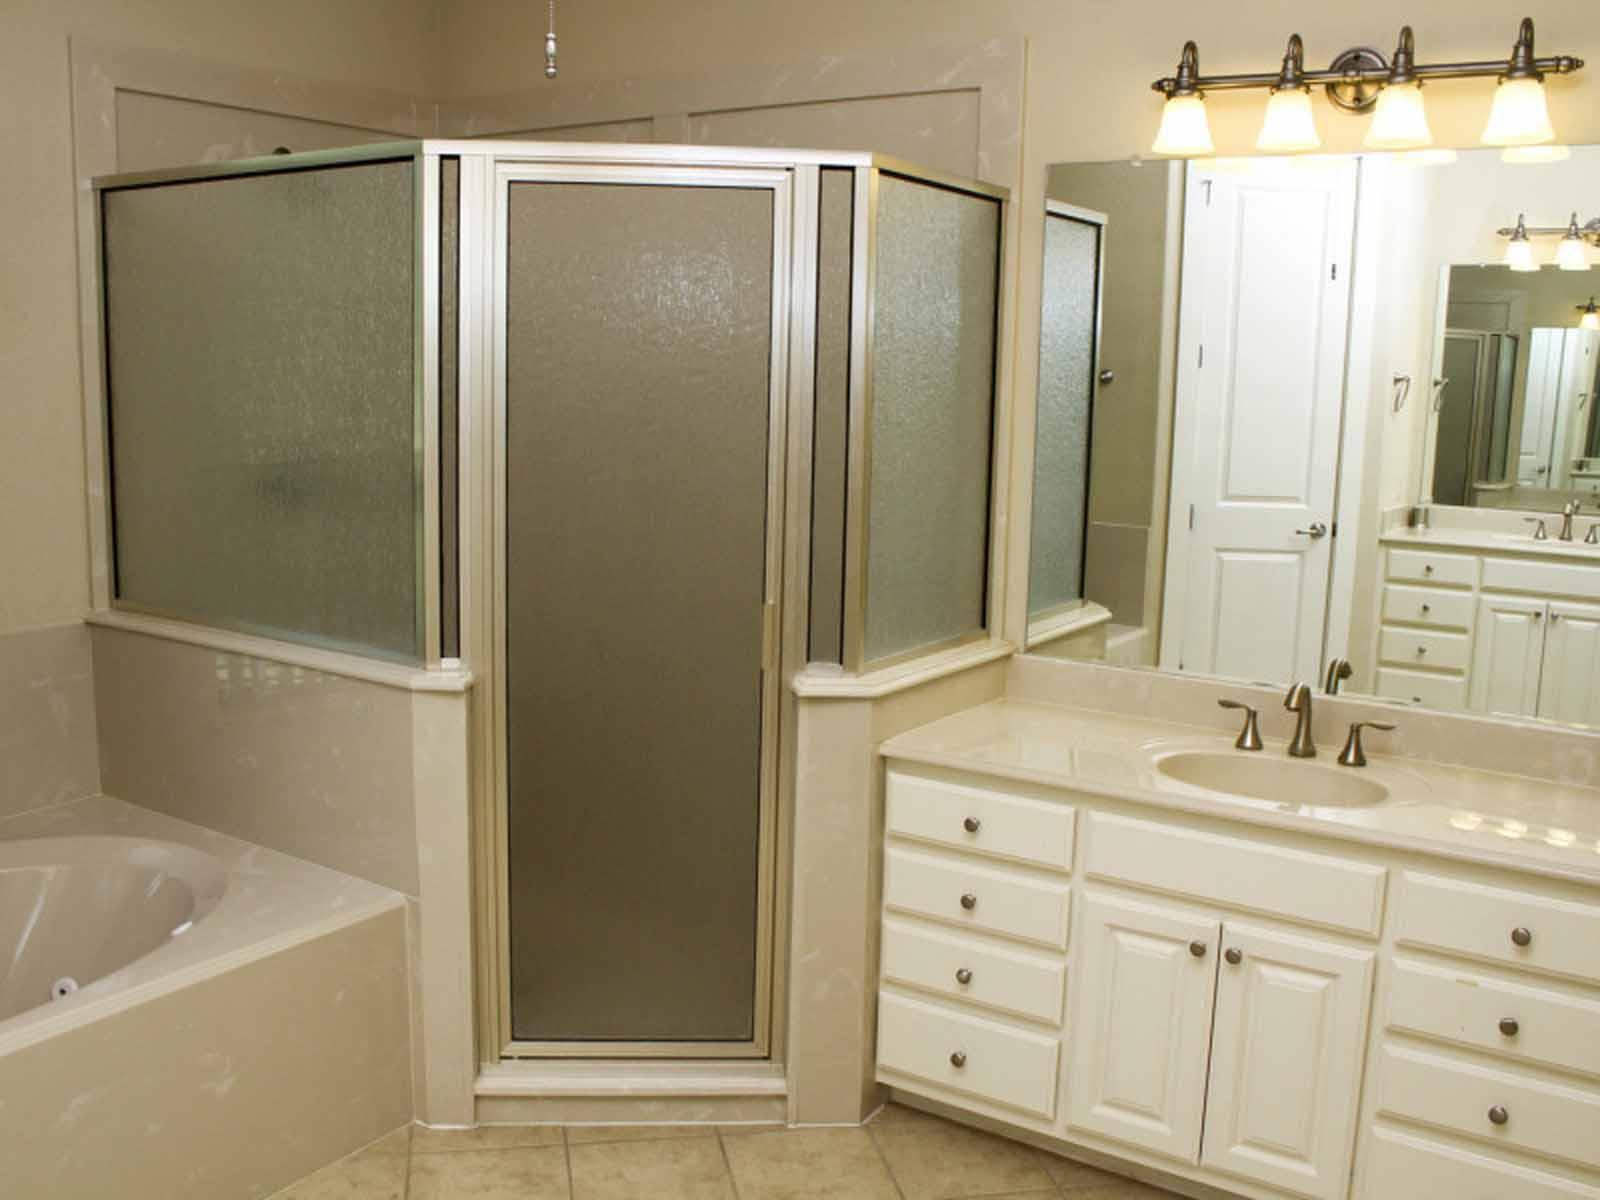 Lakehouse - 3 Bedroom 3 Bath